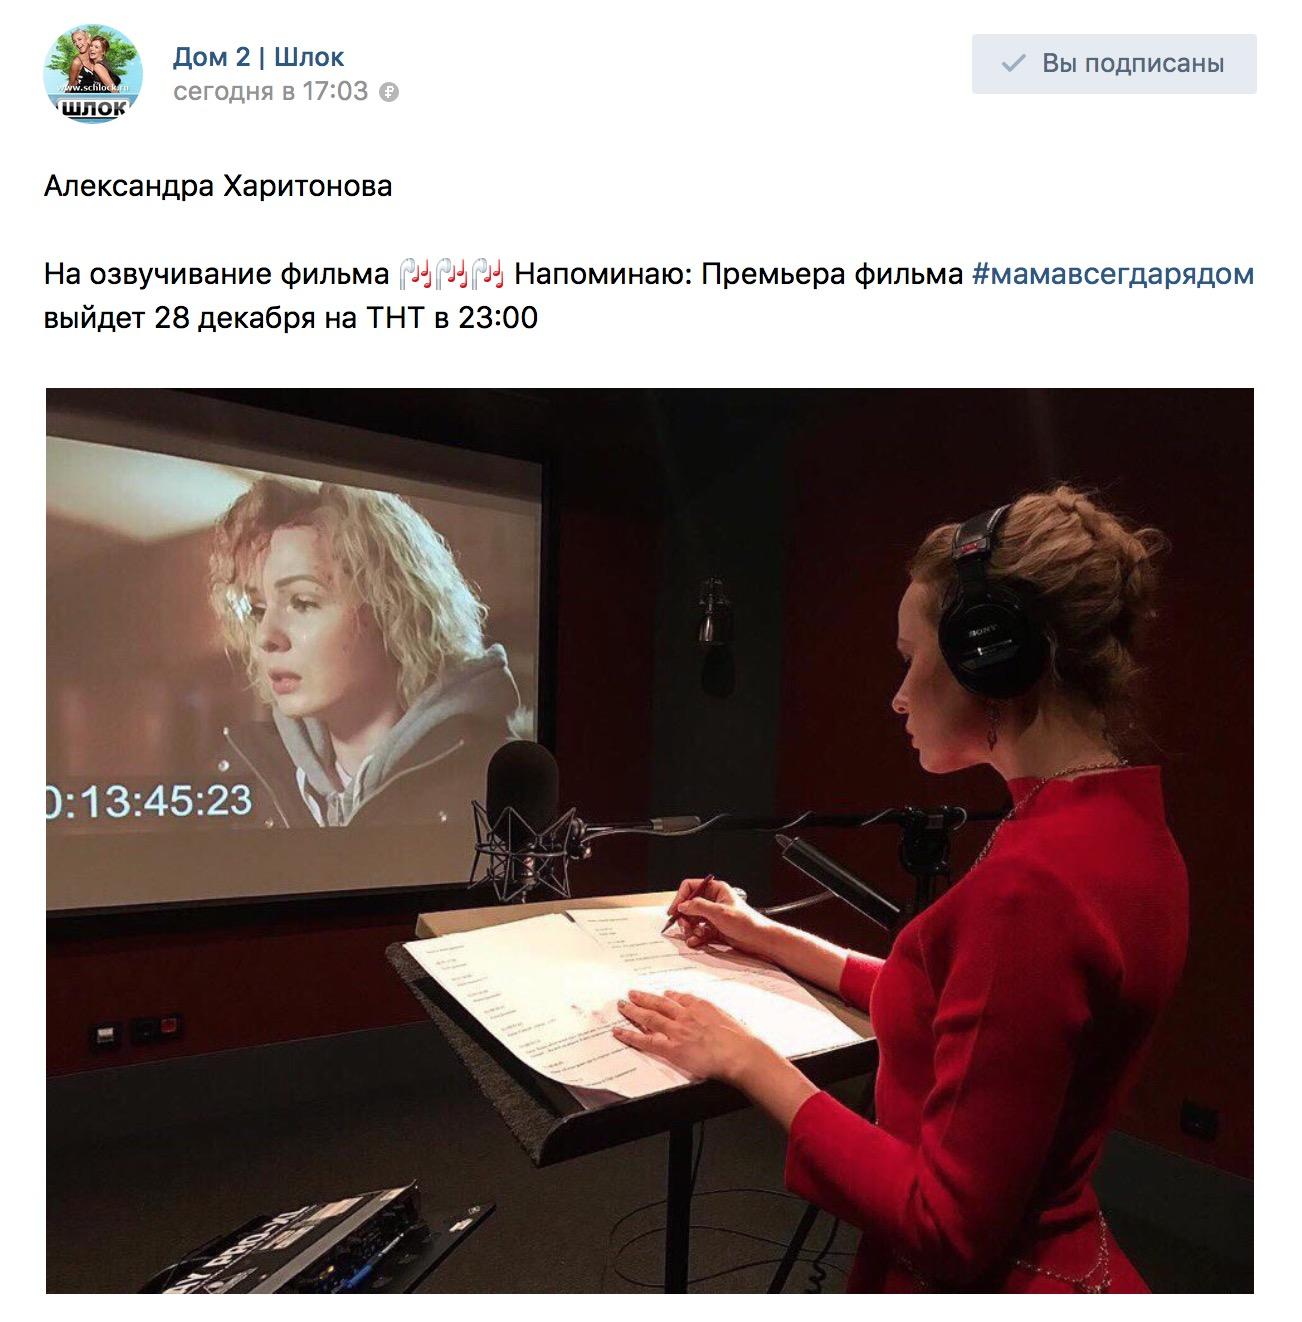 Александра Харитонова на озвучивание фильма